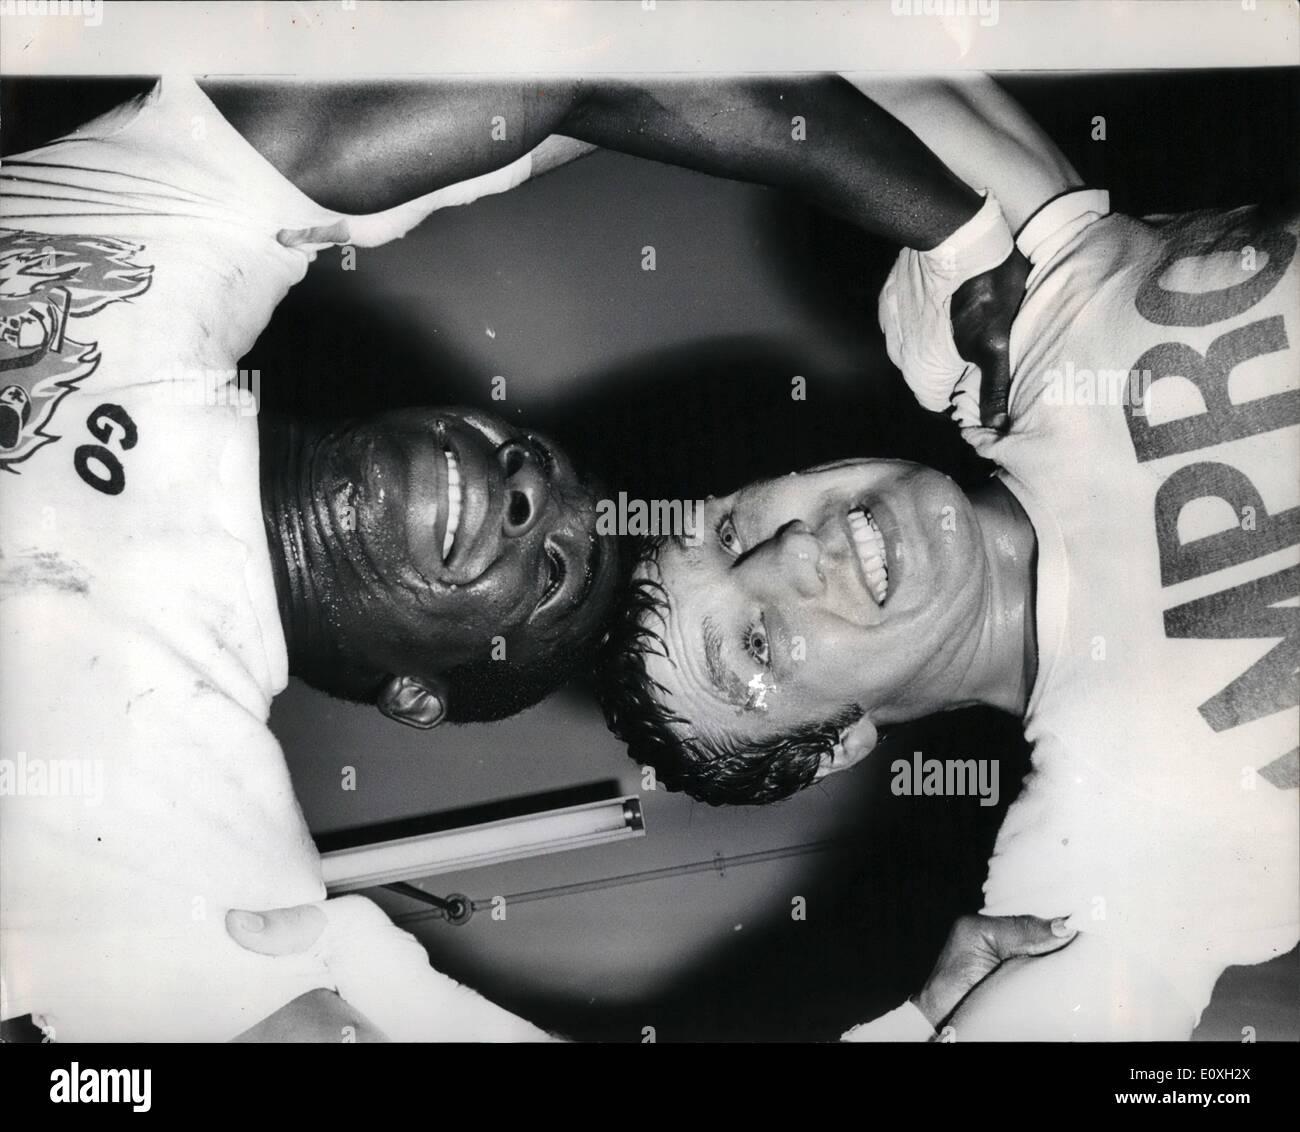 Ottobre 10, 1966 - Billy Walter treni per la sua lotta con Jose Médano: British heavyweight Billy Walker, chi è hopping e su tutte le accuse di corruzione, ha insistito sul fatto che il suo prossimo avversario ha un record al di là di ogni dubbio. Ora ha firmato fino a incontrare Argentina Jose Médano, che non è mai stata fuori i suoi piedi, alla Albert Hall ad ottobre 25th. Billy è stato avente un work-out alla nobile arte della palestra Haverstock Hill oggi. La foto mostra un angolo unico foto di Billy Walker e il suo sparring partner John Hendrickson come essi buttare tutto il loro peso gli uni contro gli altri in un clinch, durante un incantesimo di formazione di oggi. Immagini Stock